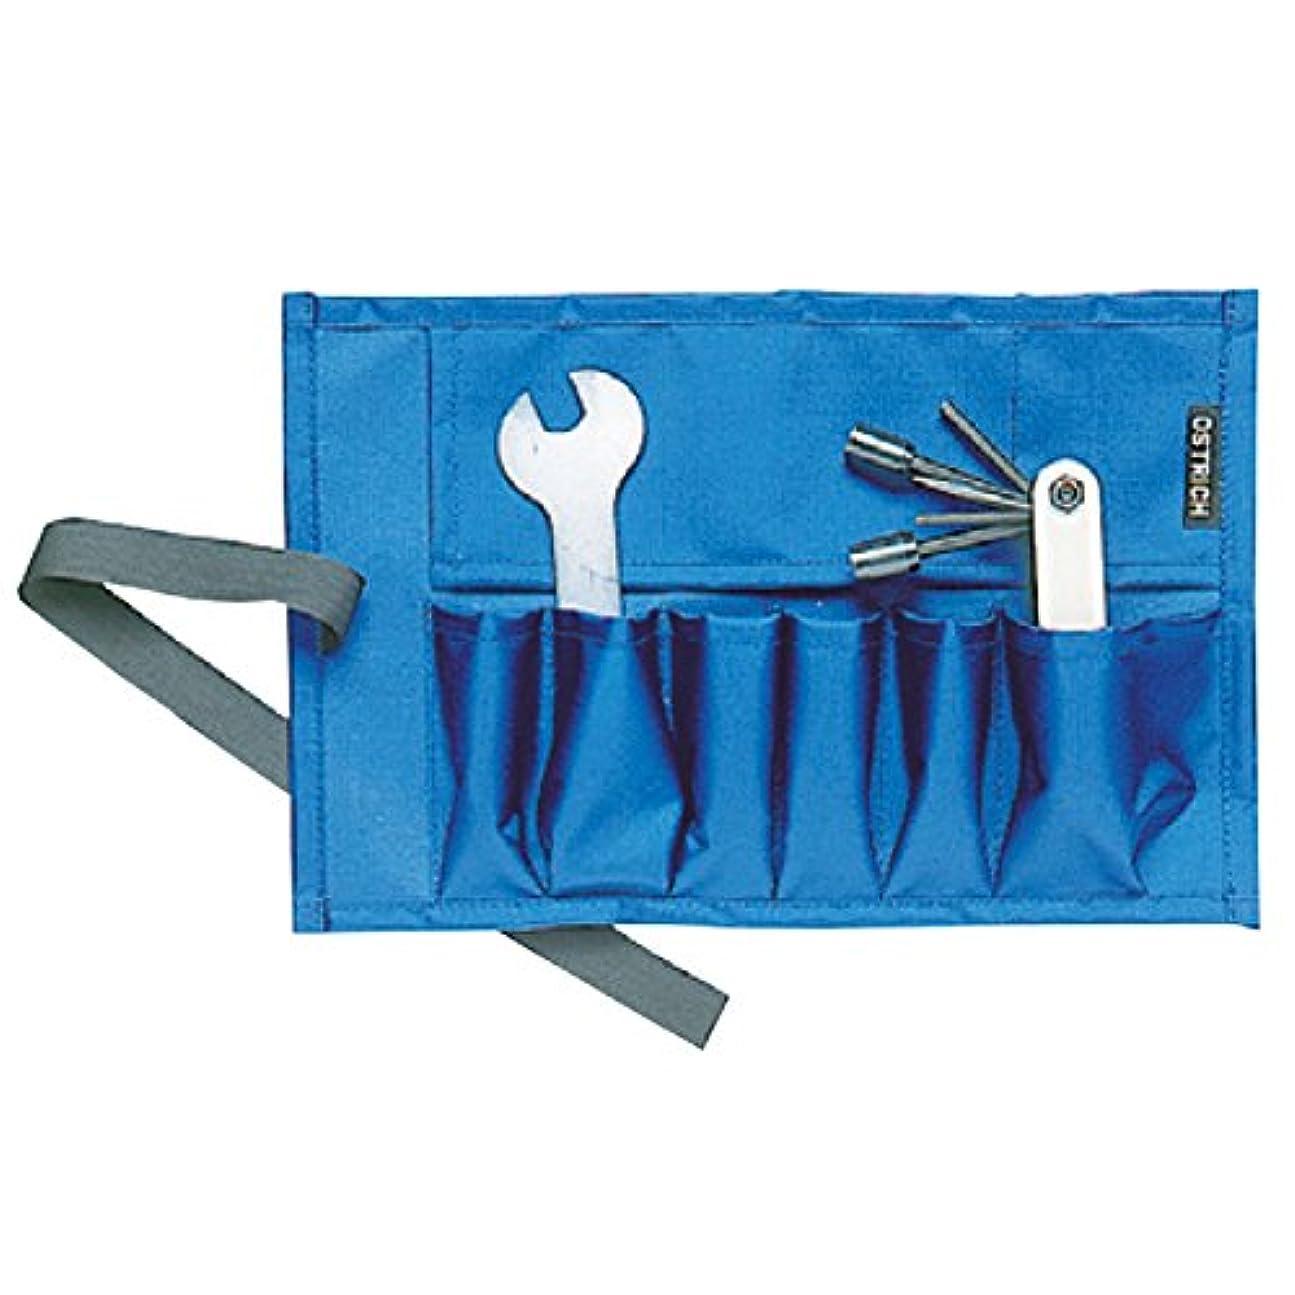 練習した壁机OSTRICH(オーストリッチ) 工具 ケース [工具袋] 道具巻